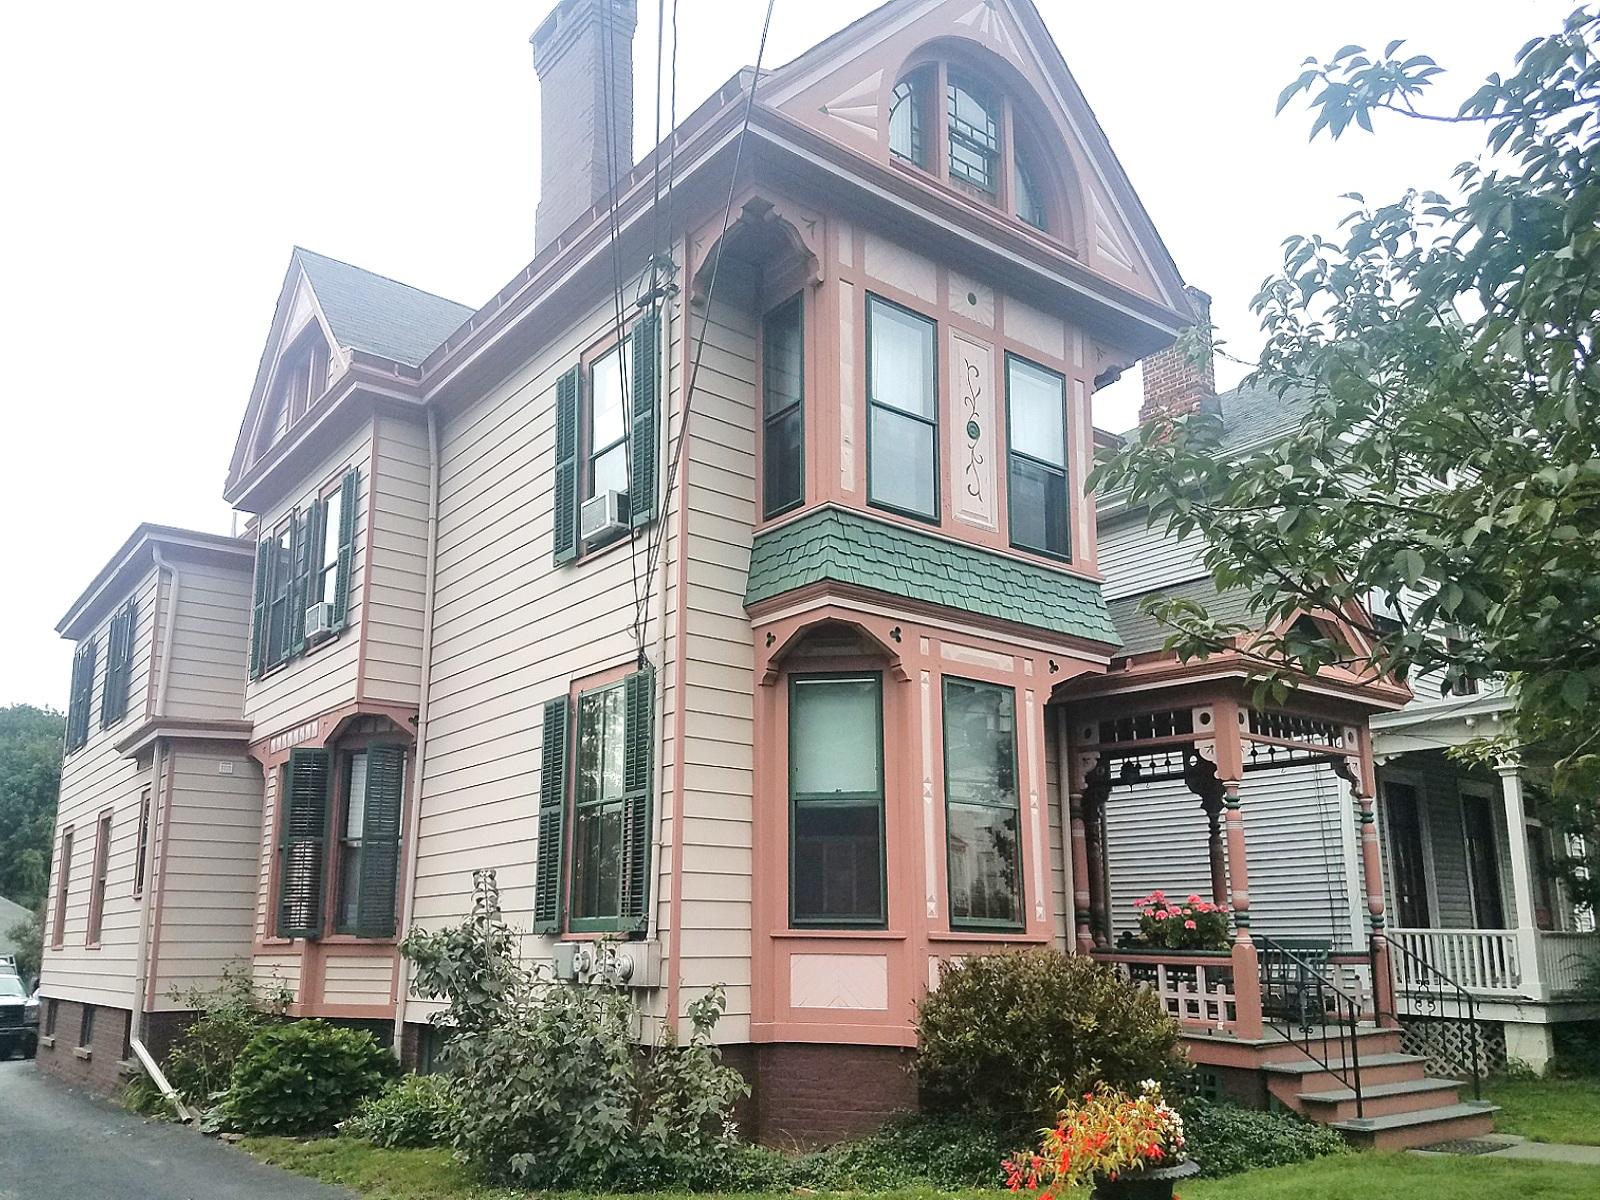 Poughkeepsie 2 BR Queen Anne Victorian Apartment